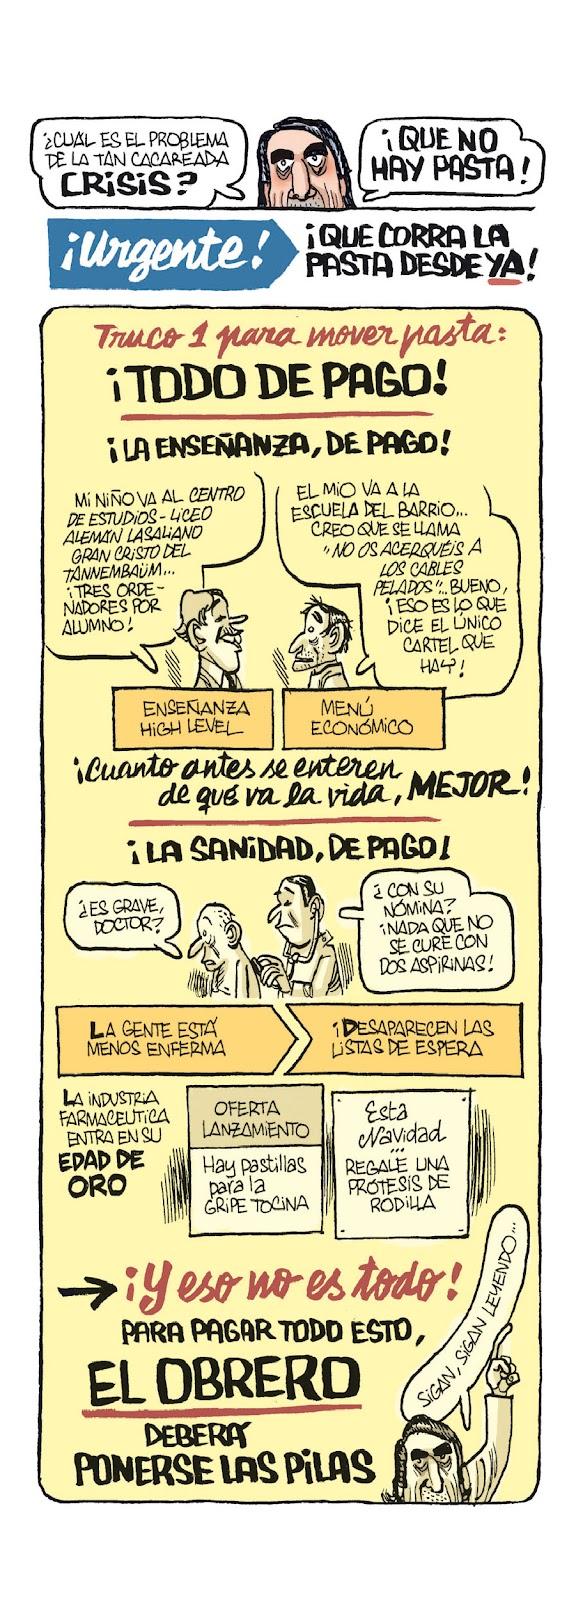 La solución de la crisis segun Aznar AznarImpe2